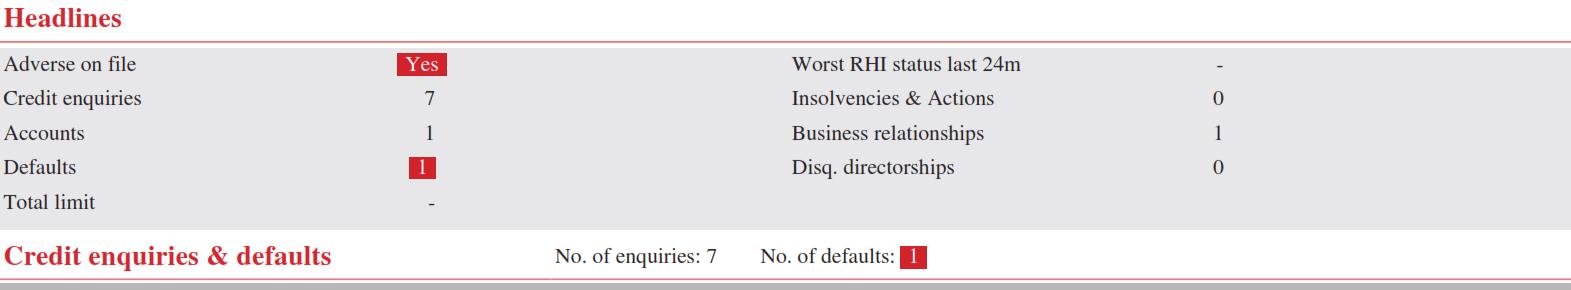 credit default on credit file 1